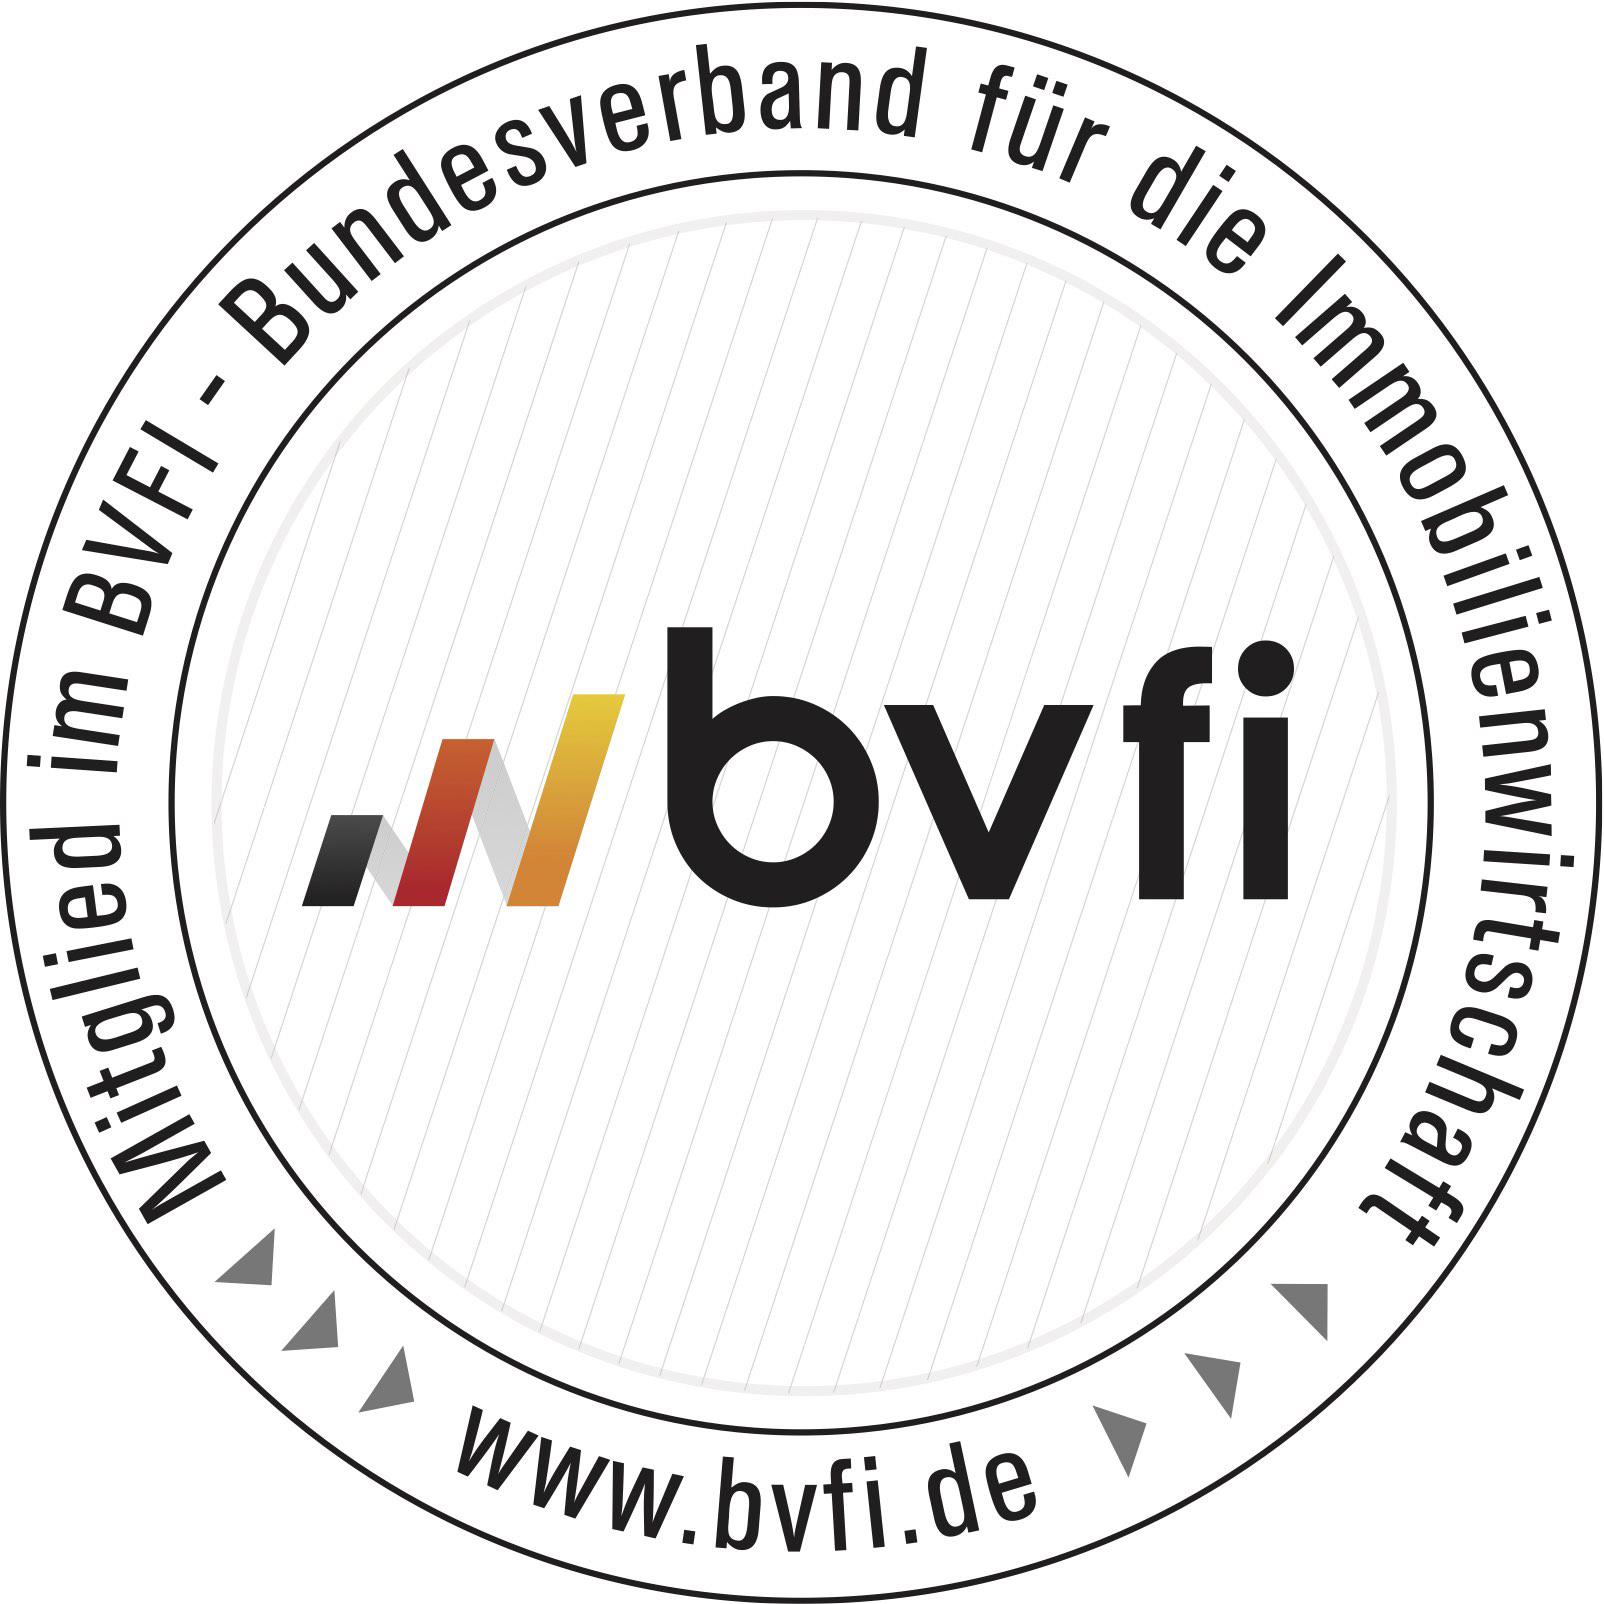 baufinanzierung xpert finanzierung und kredit essen deutschland tel 020145354. Black Bedroom Furniture Sets. Home Design Ideas